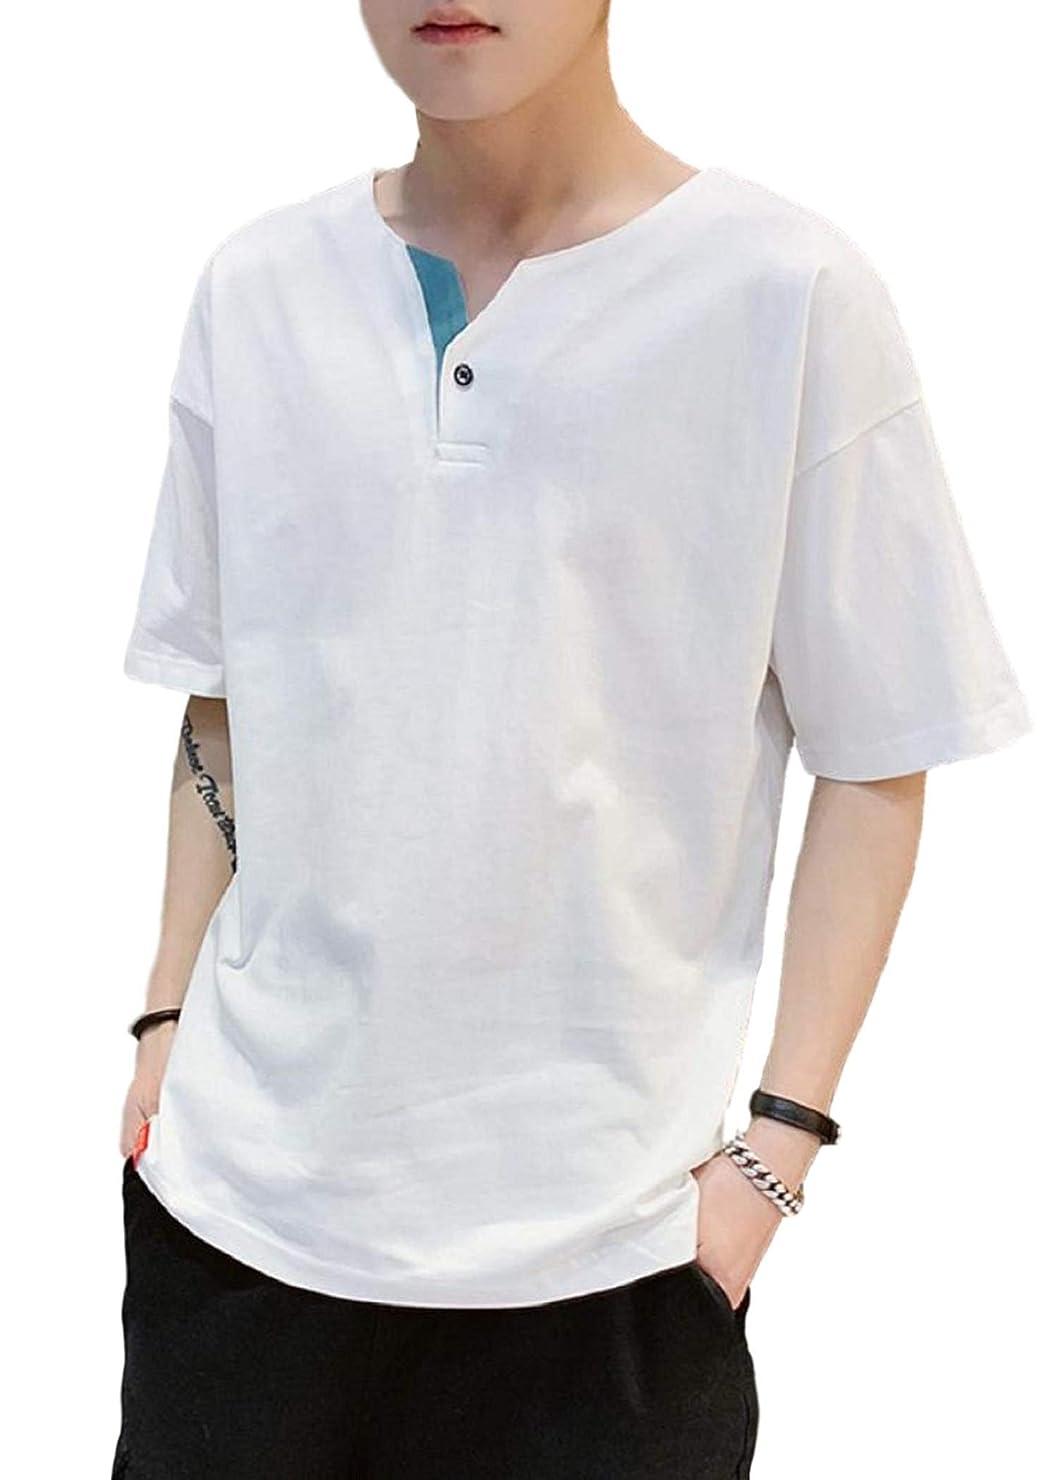 ピアノ復活気まぐれな[アルトコロニー] ヘンリーネック tシャツ フェイク ボタン 五分袖 半そで お洒落 シンプル カジュアル M ~ XL メンズ